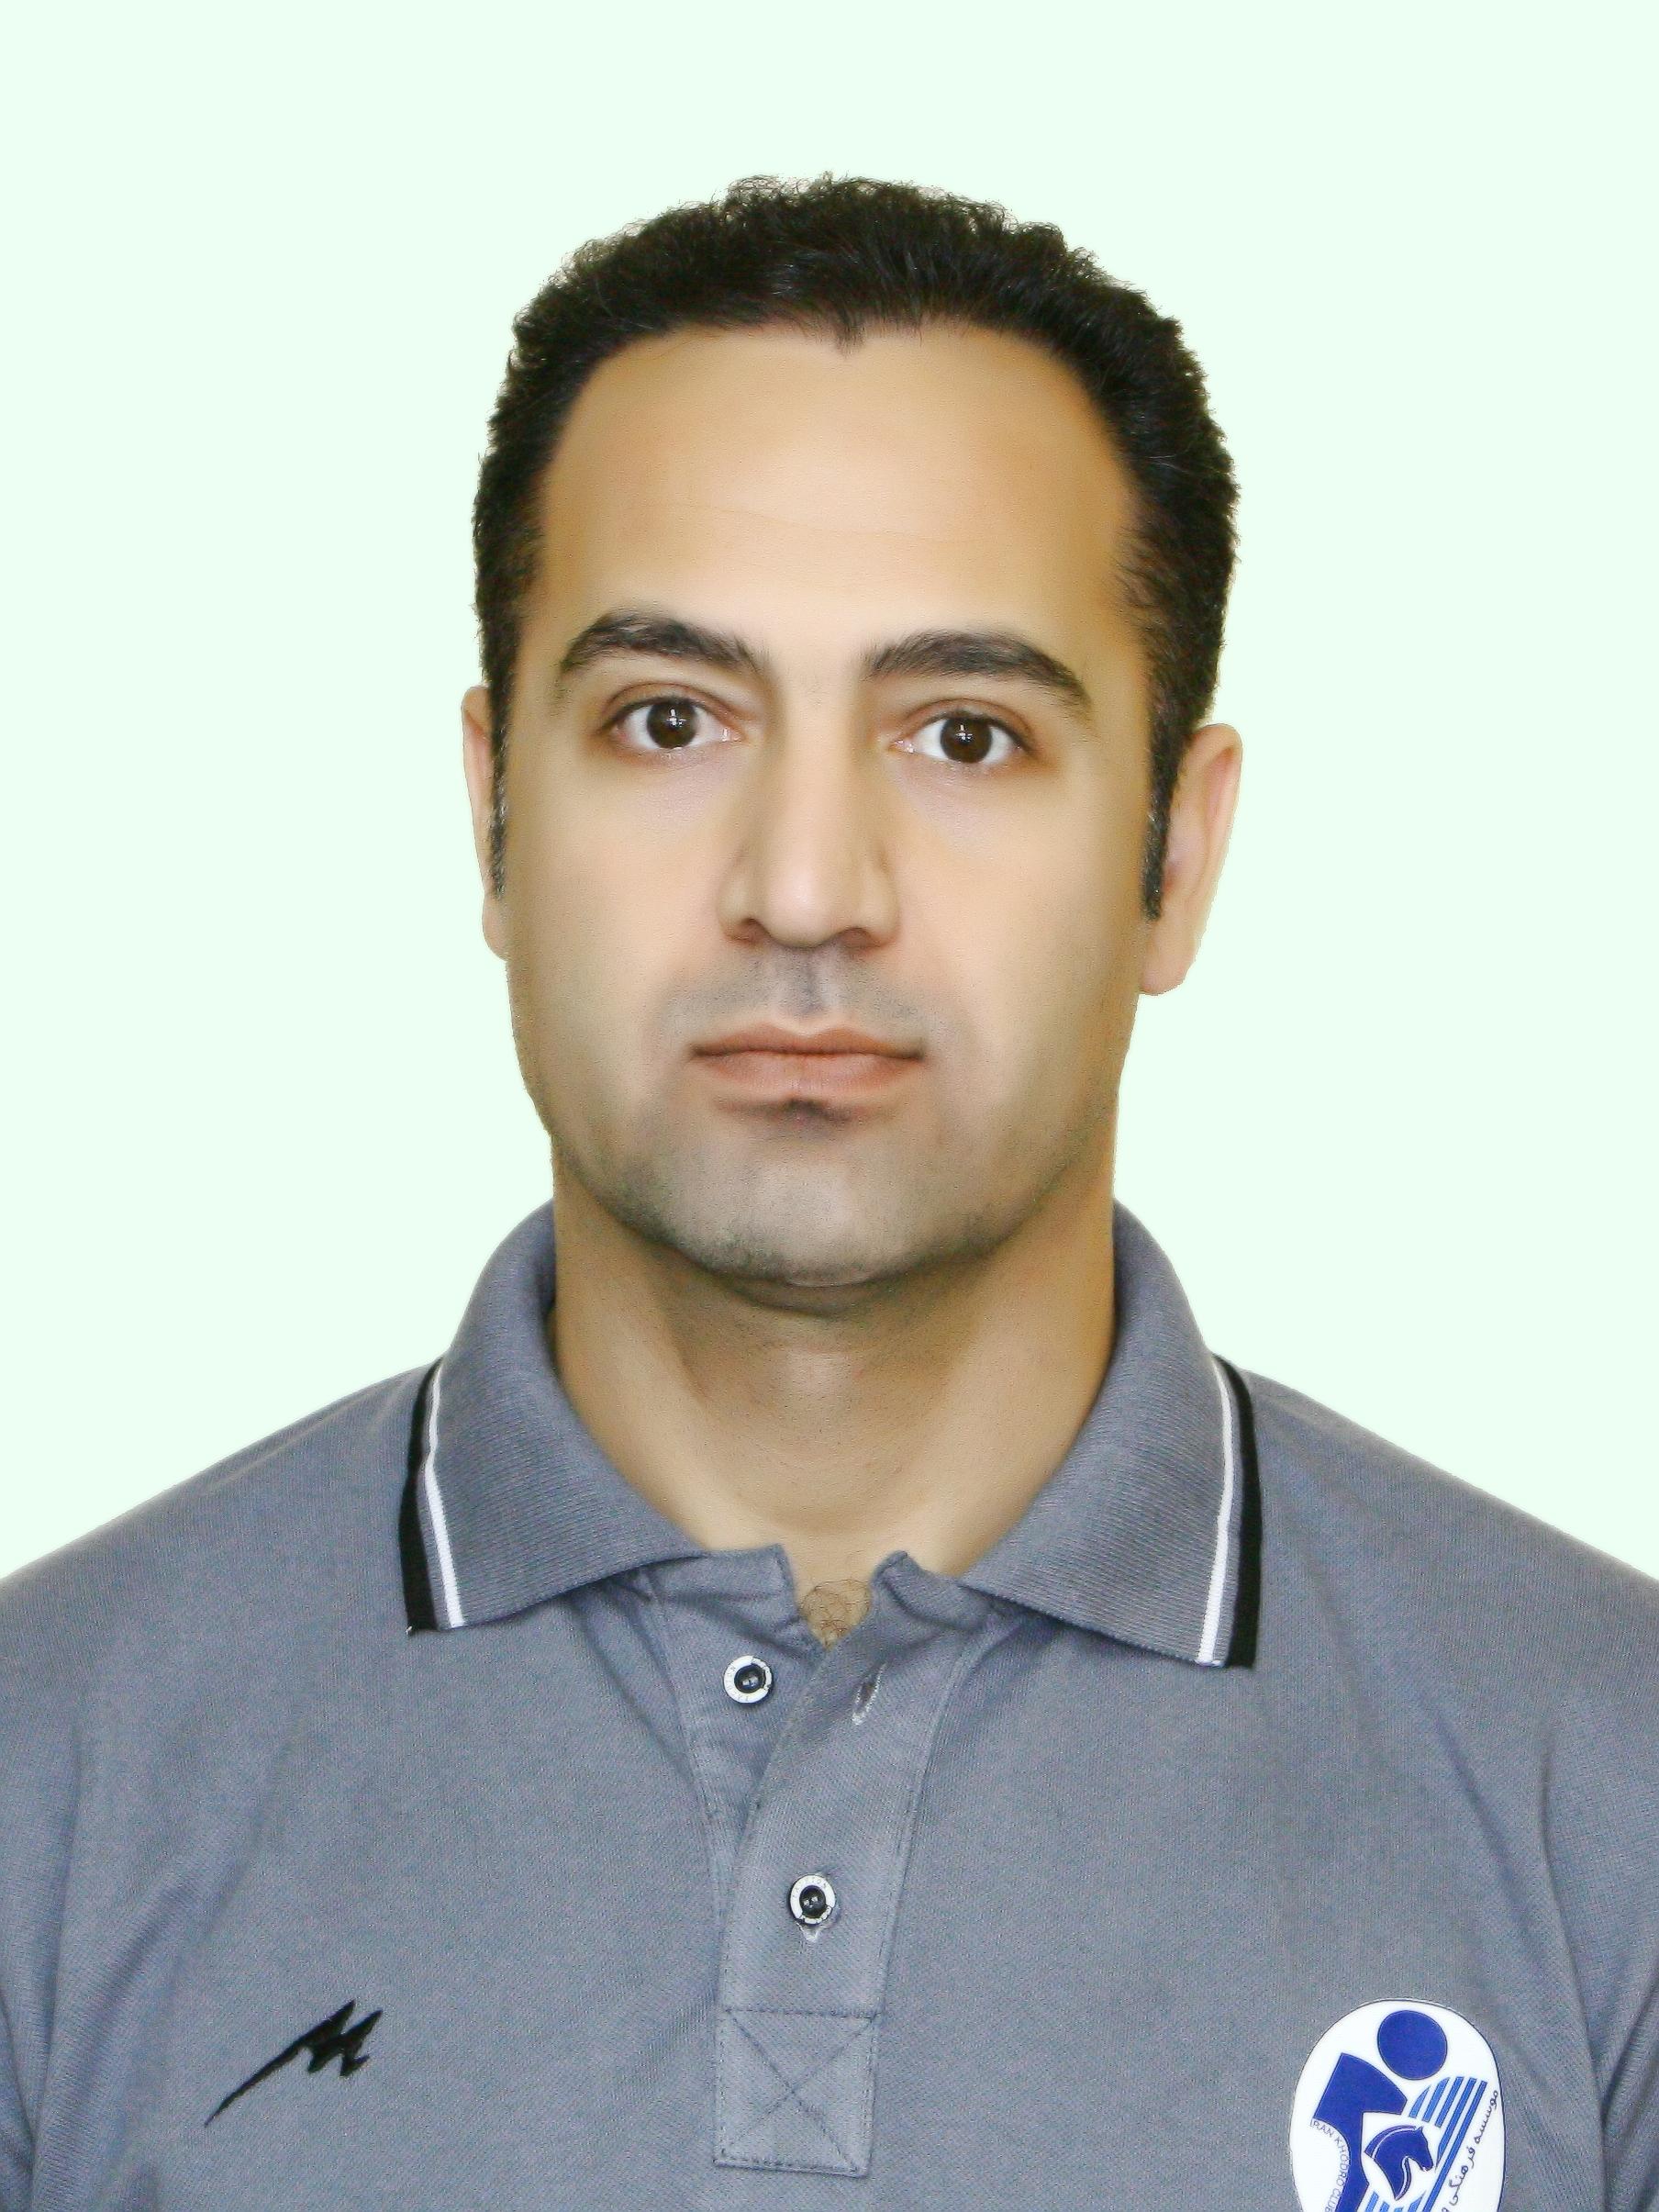 Peyman Akbari